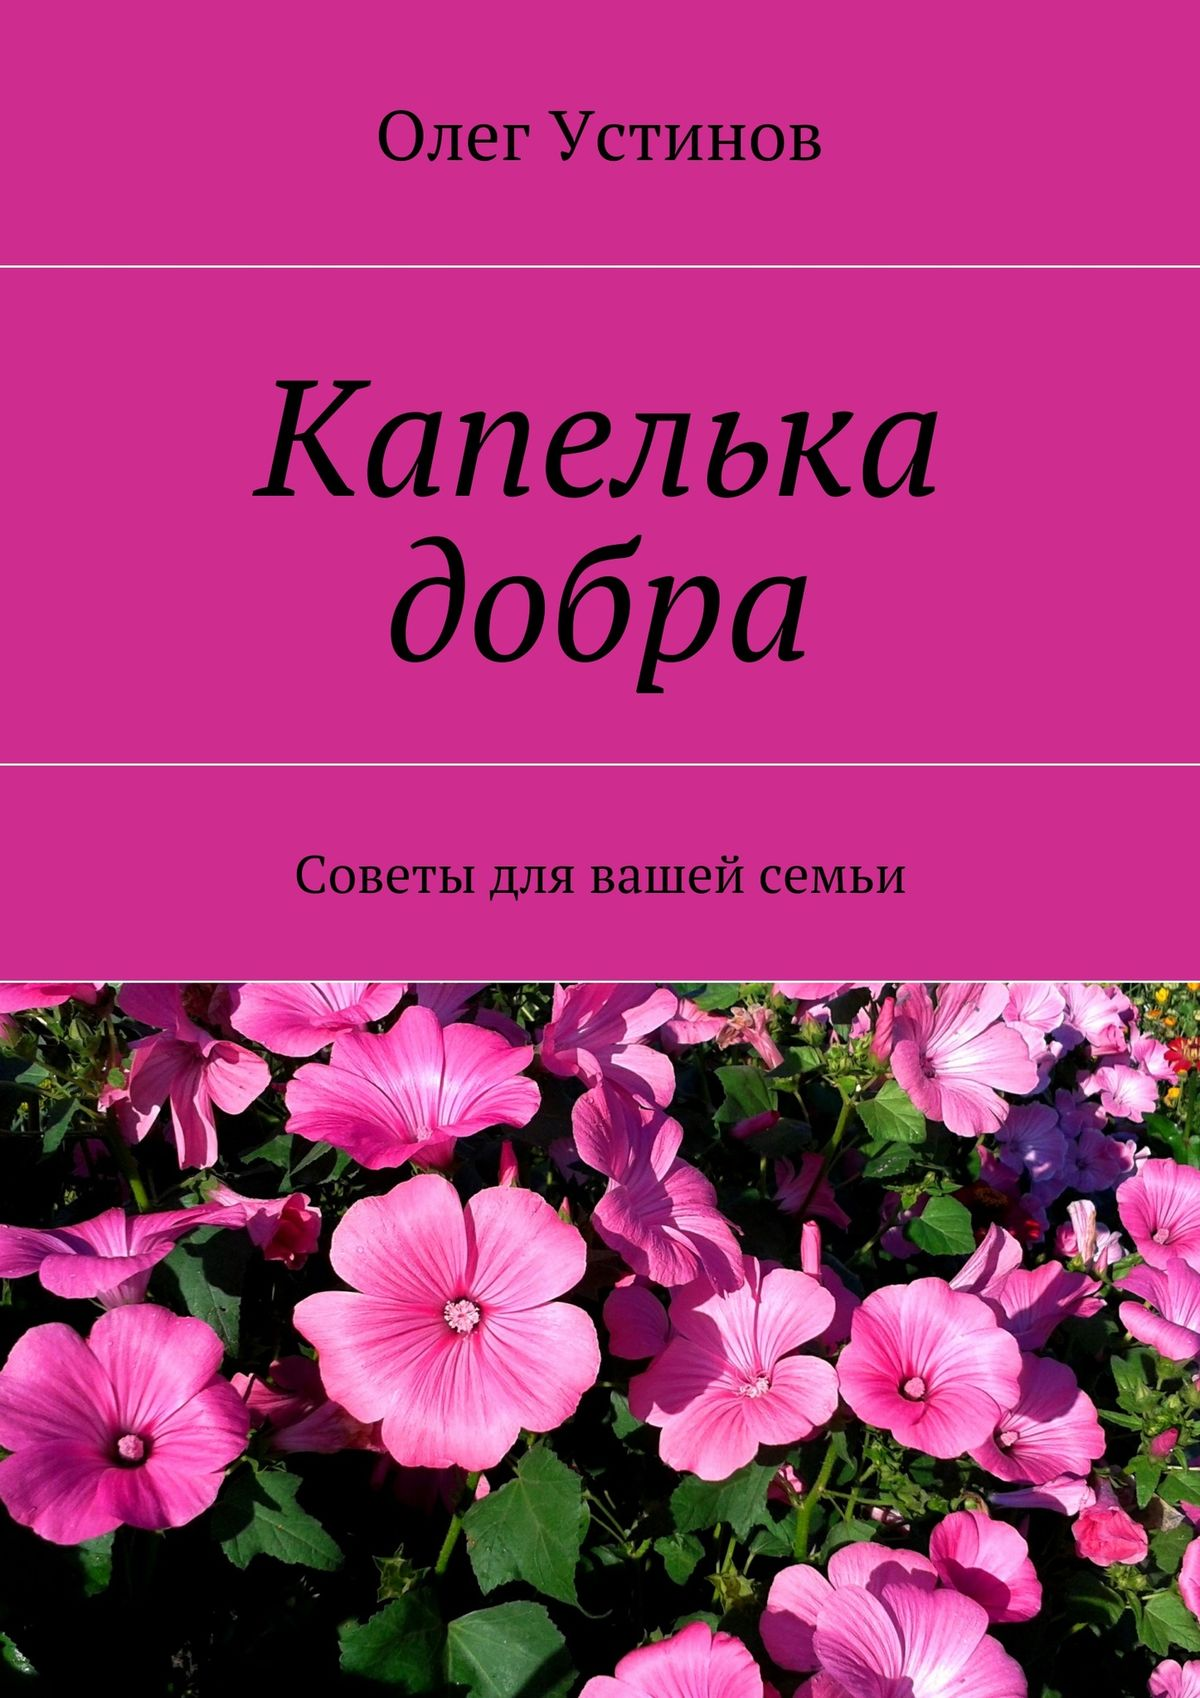 Олег Устинов Капелька добра. Советы для вашей семьи всё для новорождённых